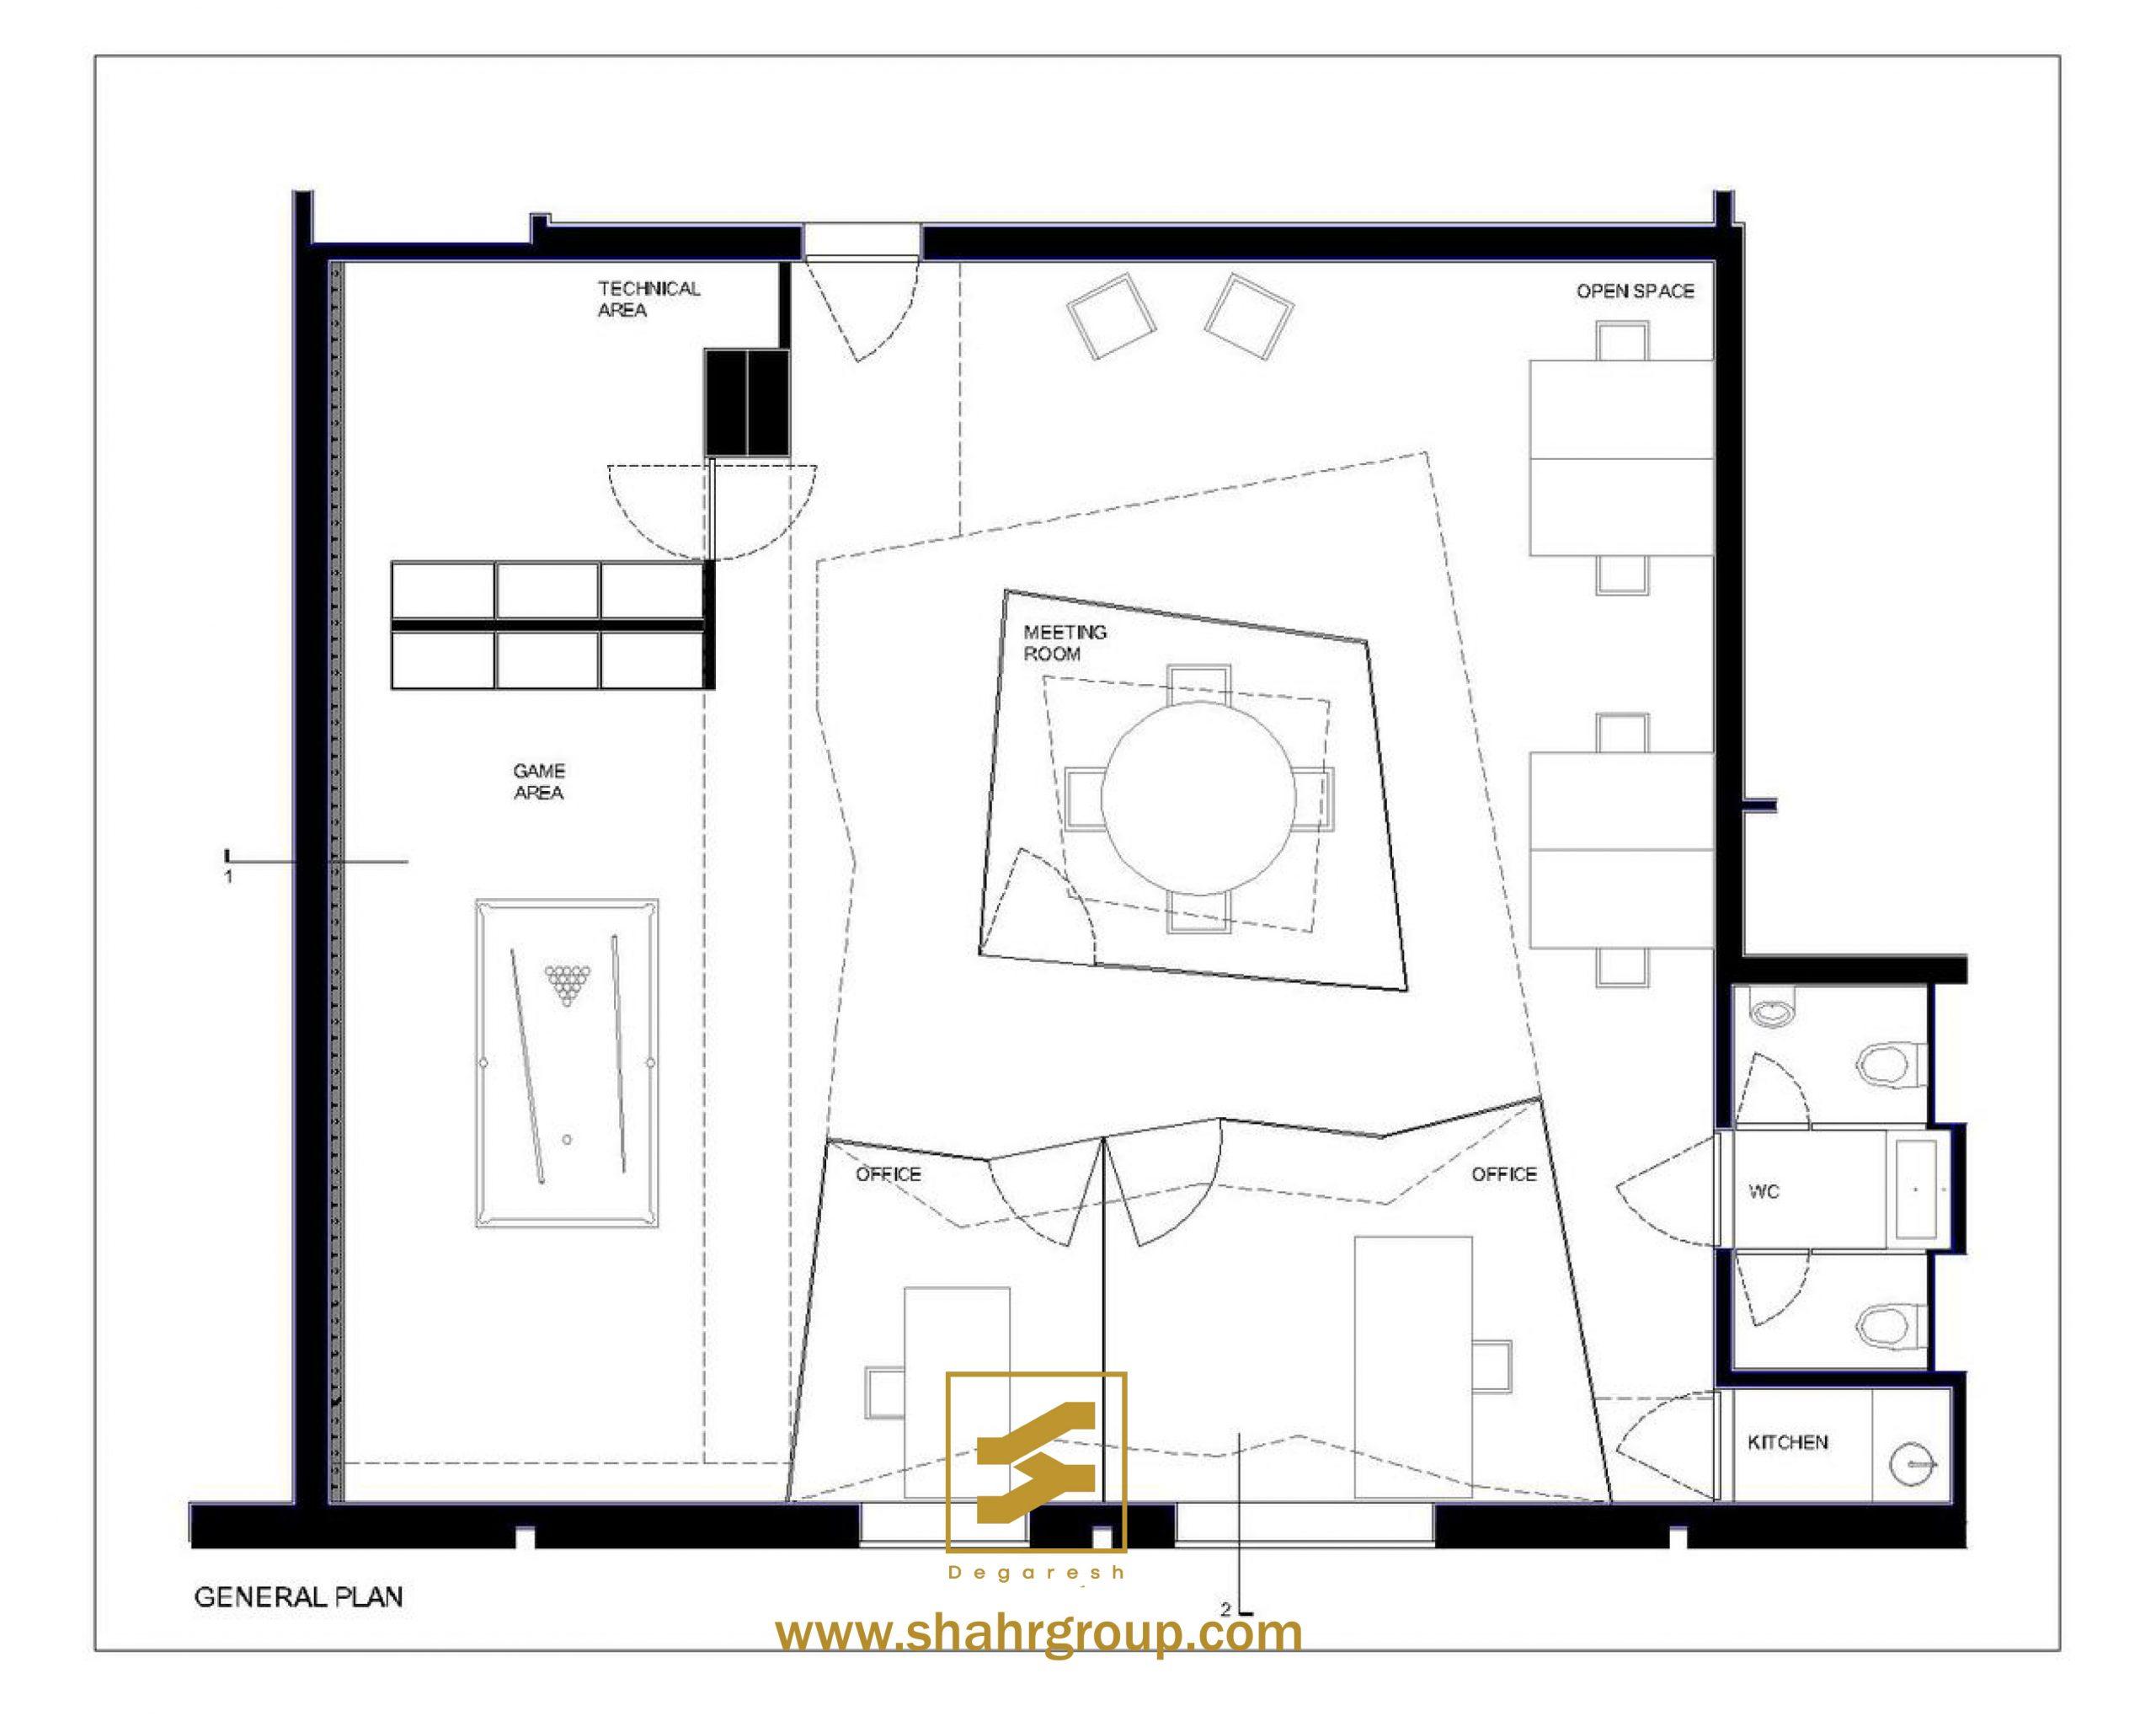 طراحی ویلا - طراحی ساختمان در مازندران - طراحی آپارتمان در مازندران - طراحی آپارتمان در بابل - طراحی نما در بابل- طراحی نما در بابلسر - طراحی نمای خارجی در مازندران